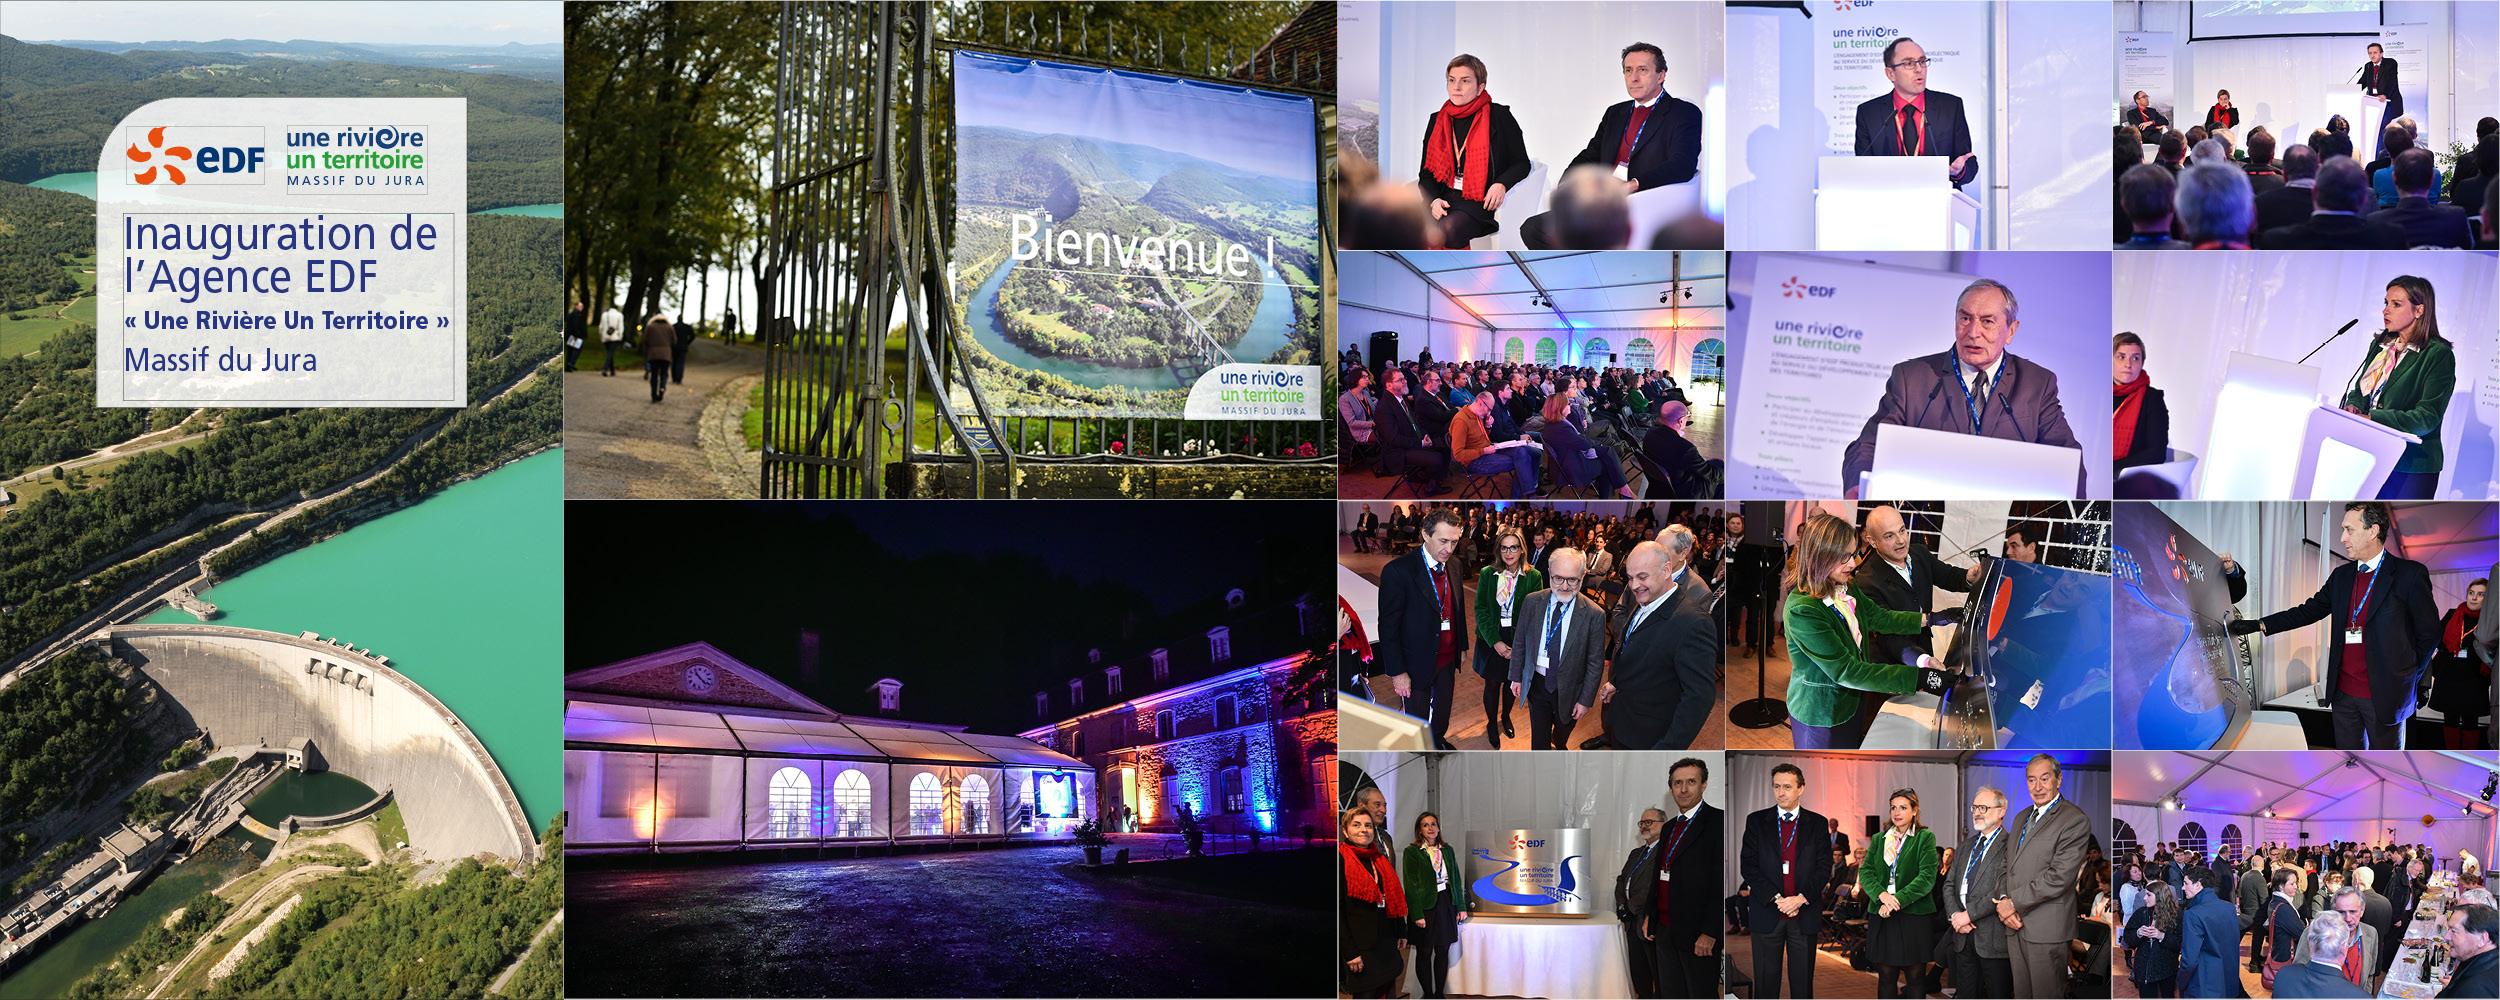 EDF - Inauguration de l'Agence Une Rivière Un Territoire